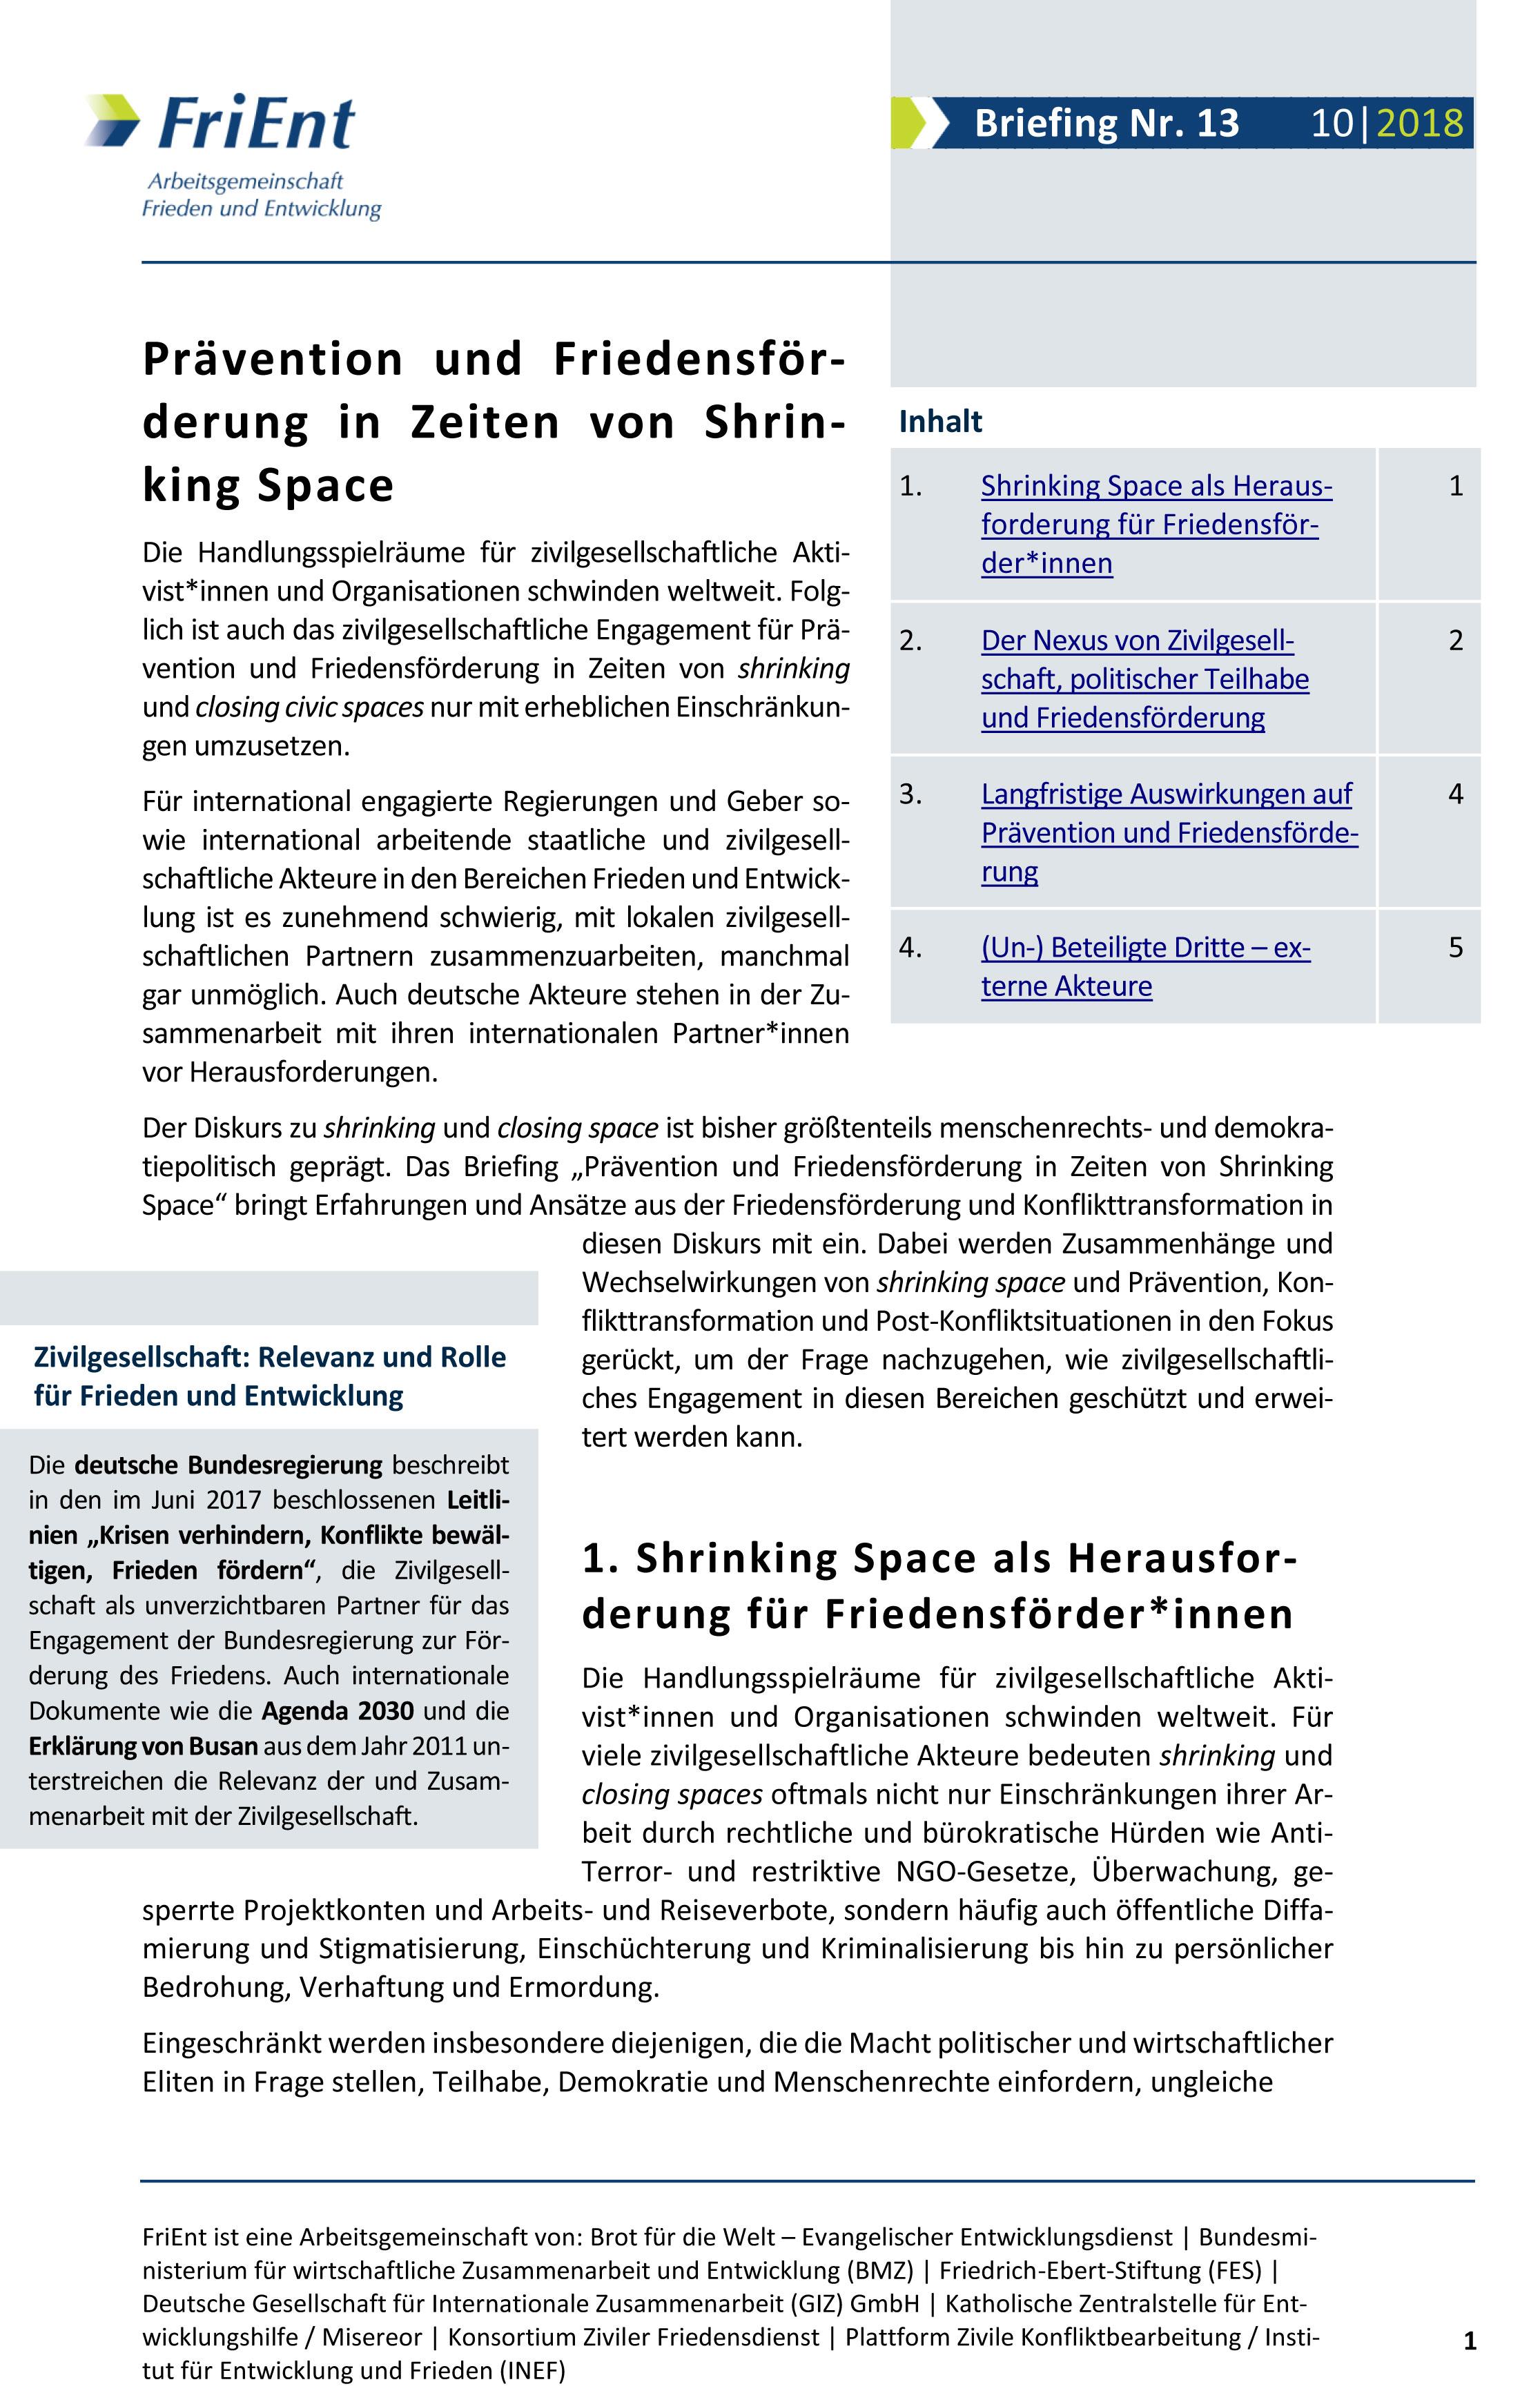 Prävention und Friedensförderung in Zeiten von Shrinking Space